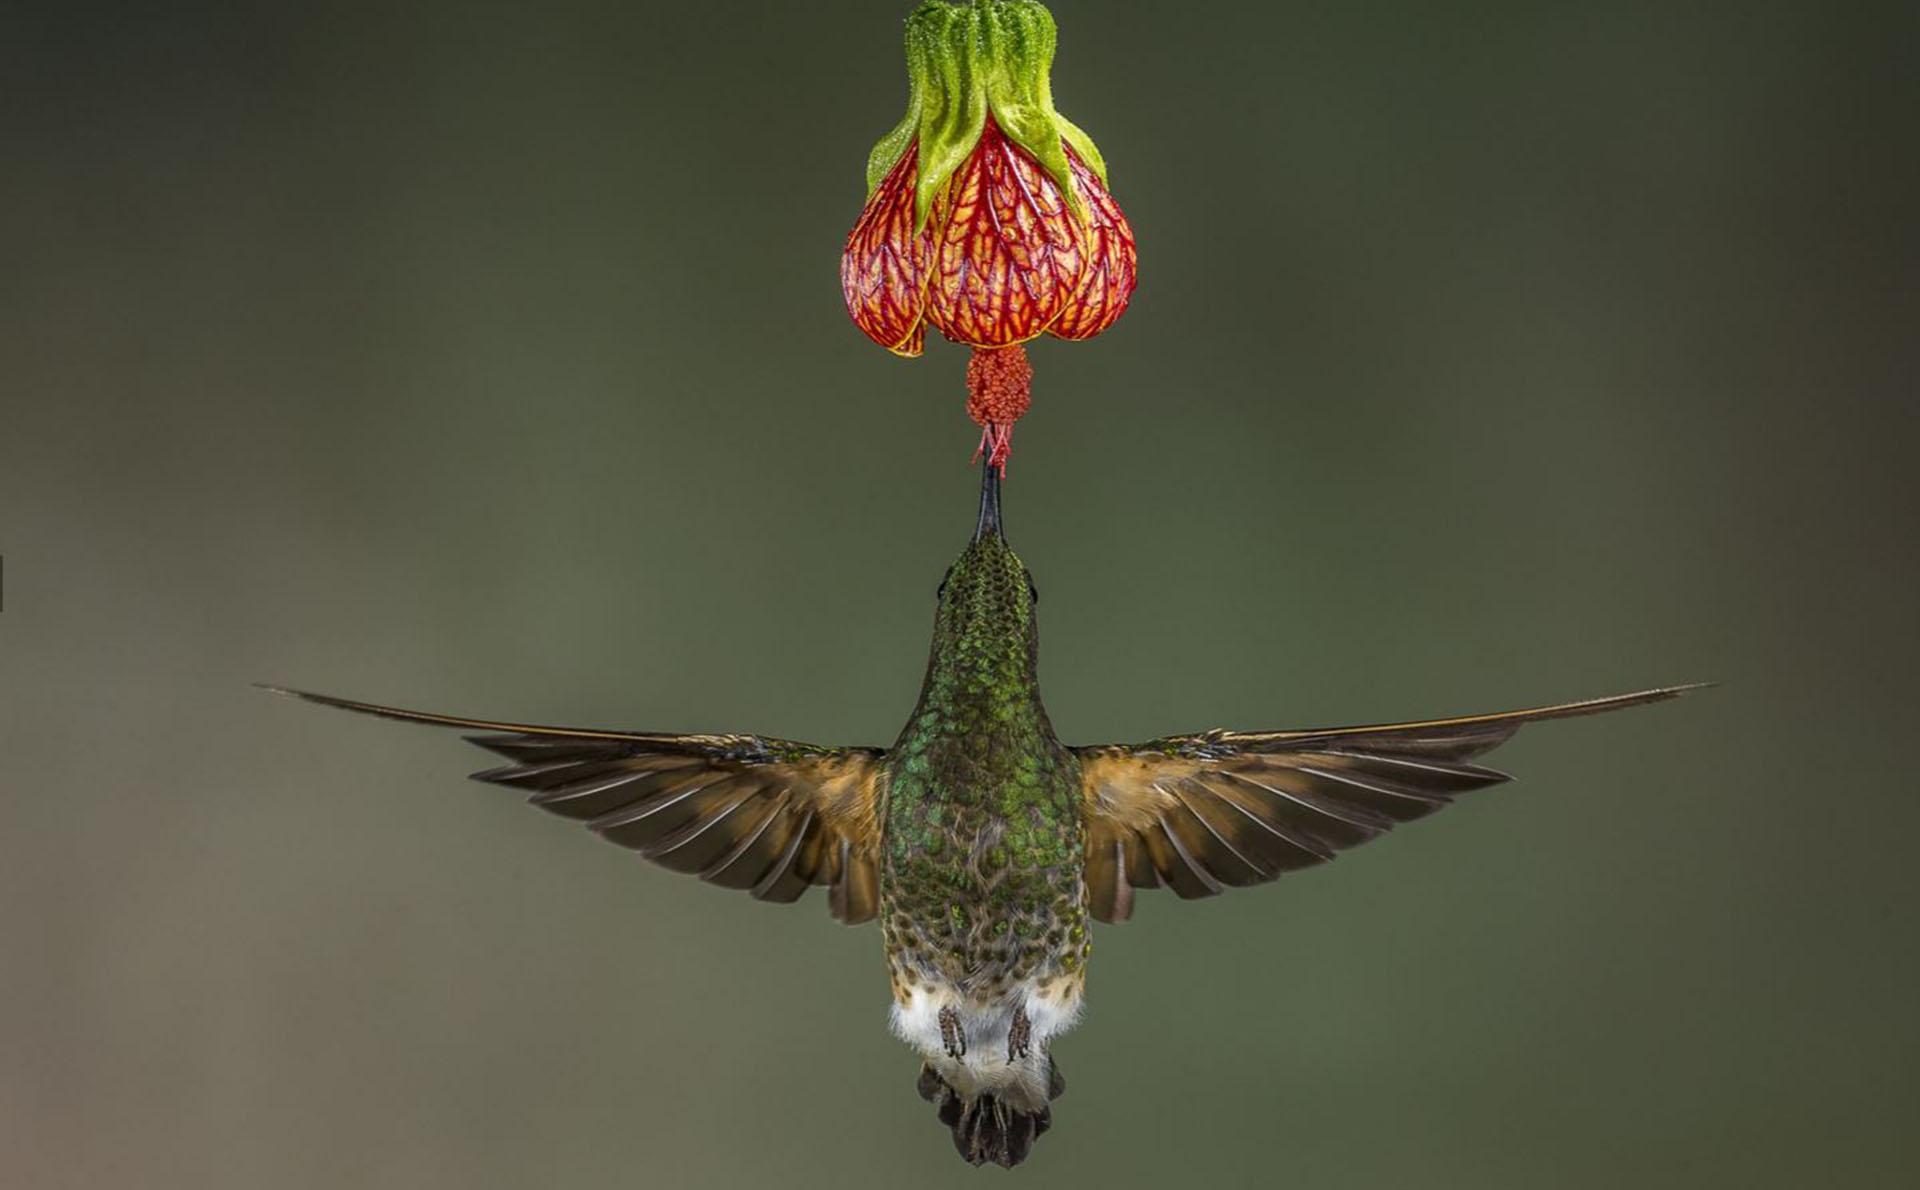 Naturaleza – Voto popular. Un colibrí colihabano se alimenta del néctar de una flor en un bosque ecuatoriano. Por Hymakar Valluri